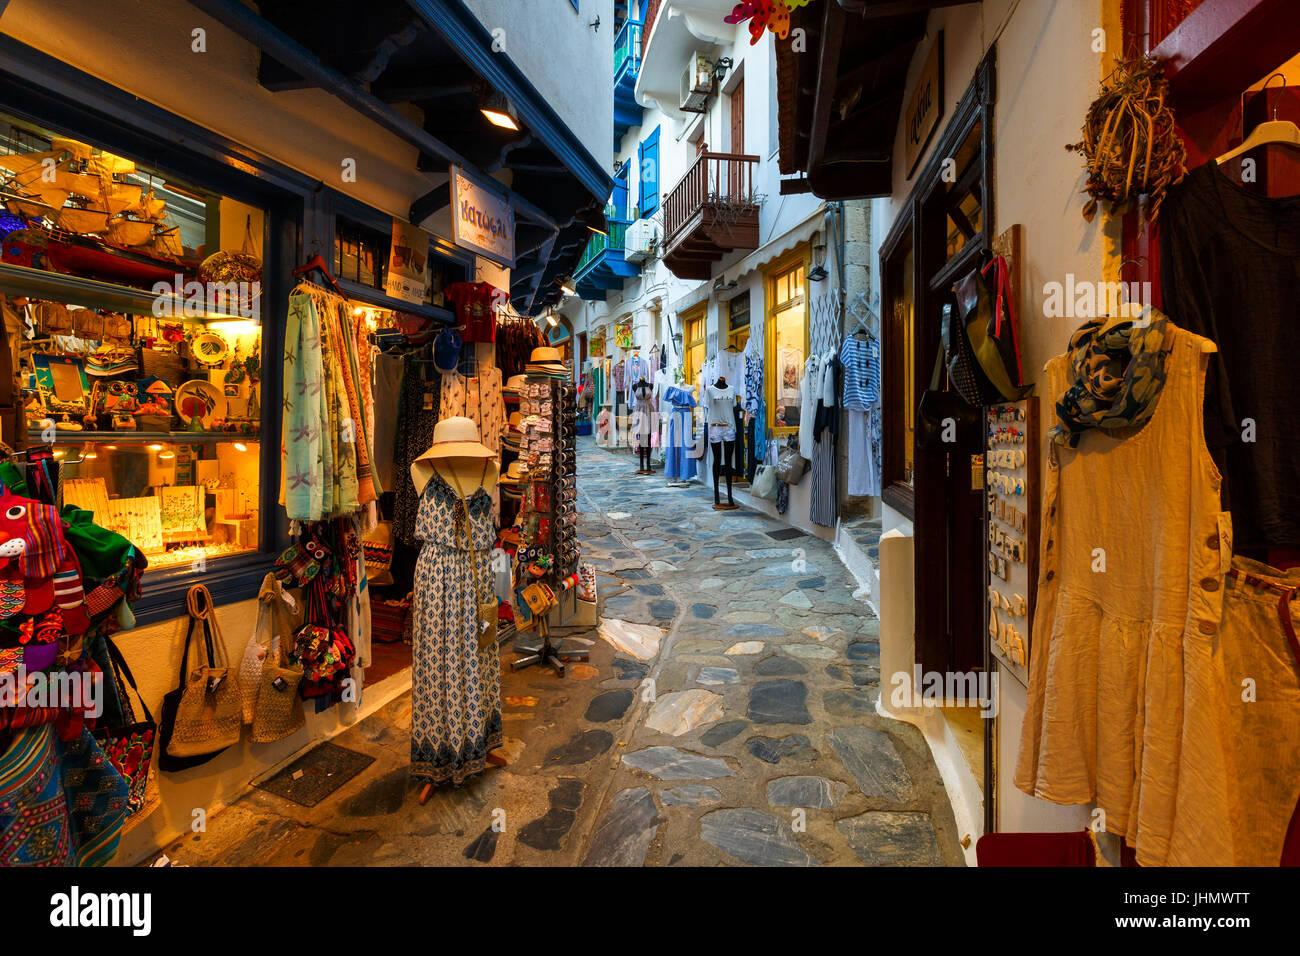 Calle con tiendas en la ciudad de Skopelos, Grecia. Imagen De Stock